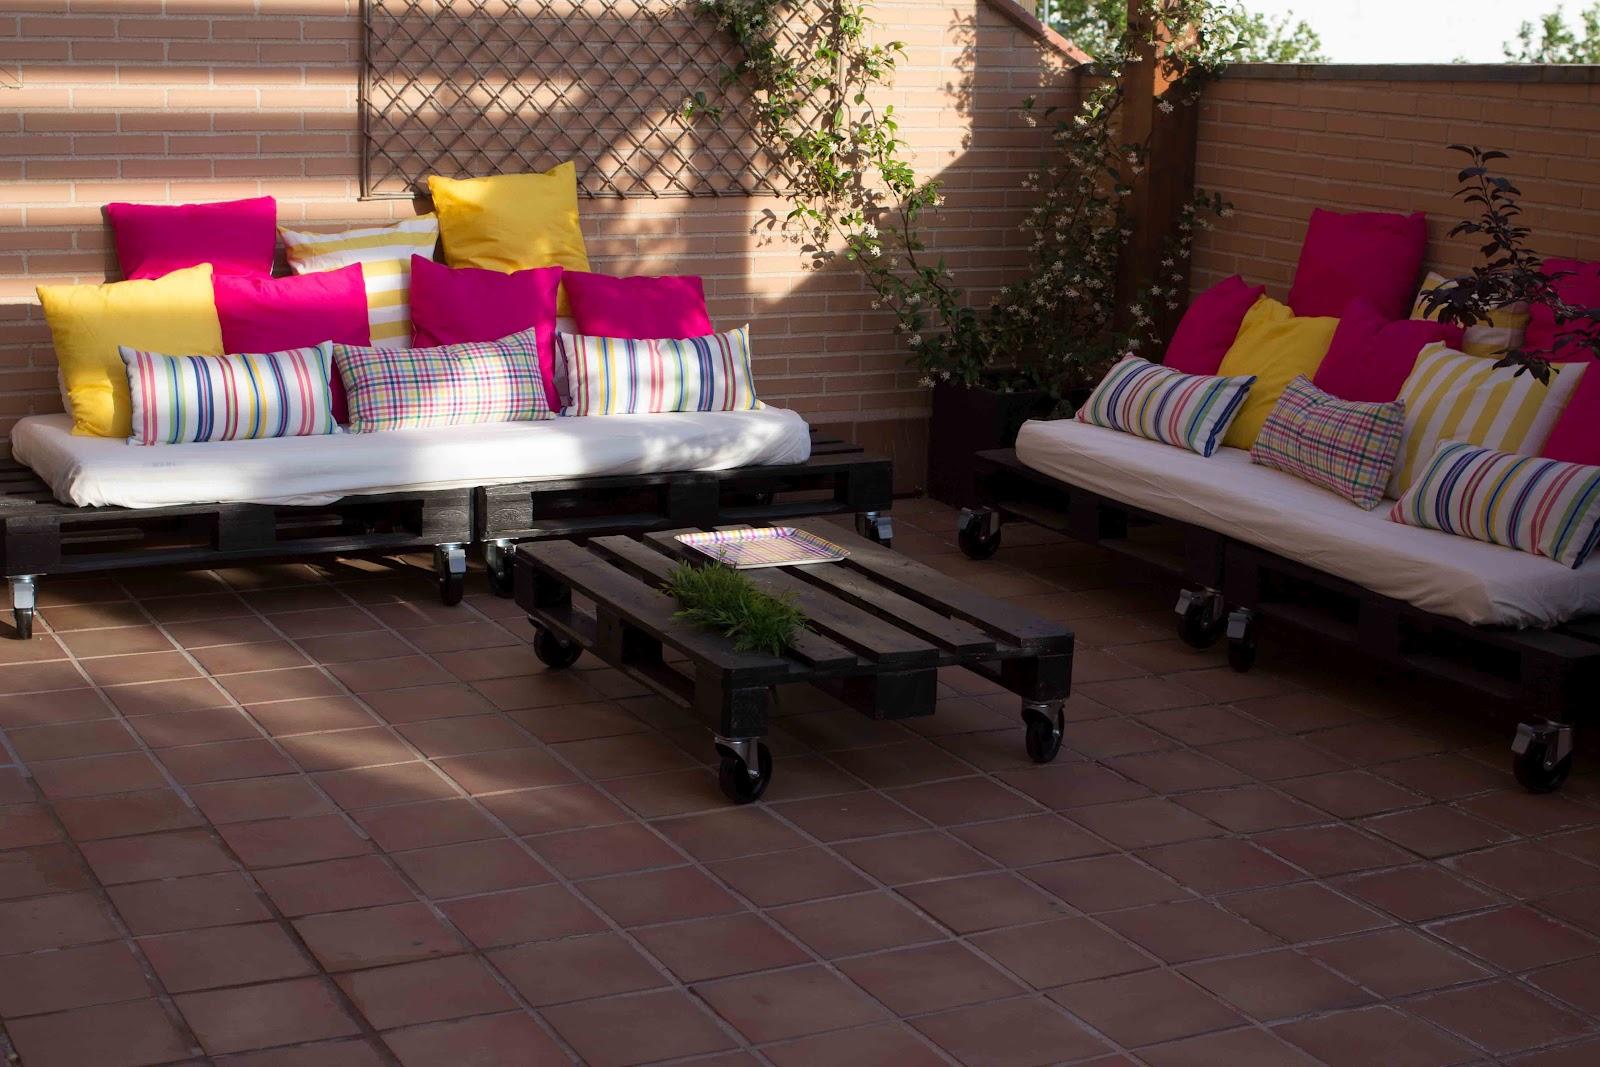 sof de pals para la terraza